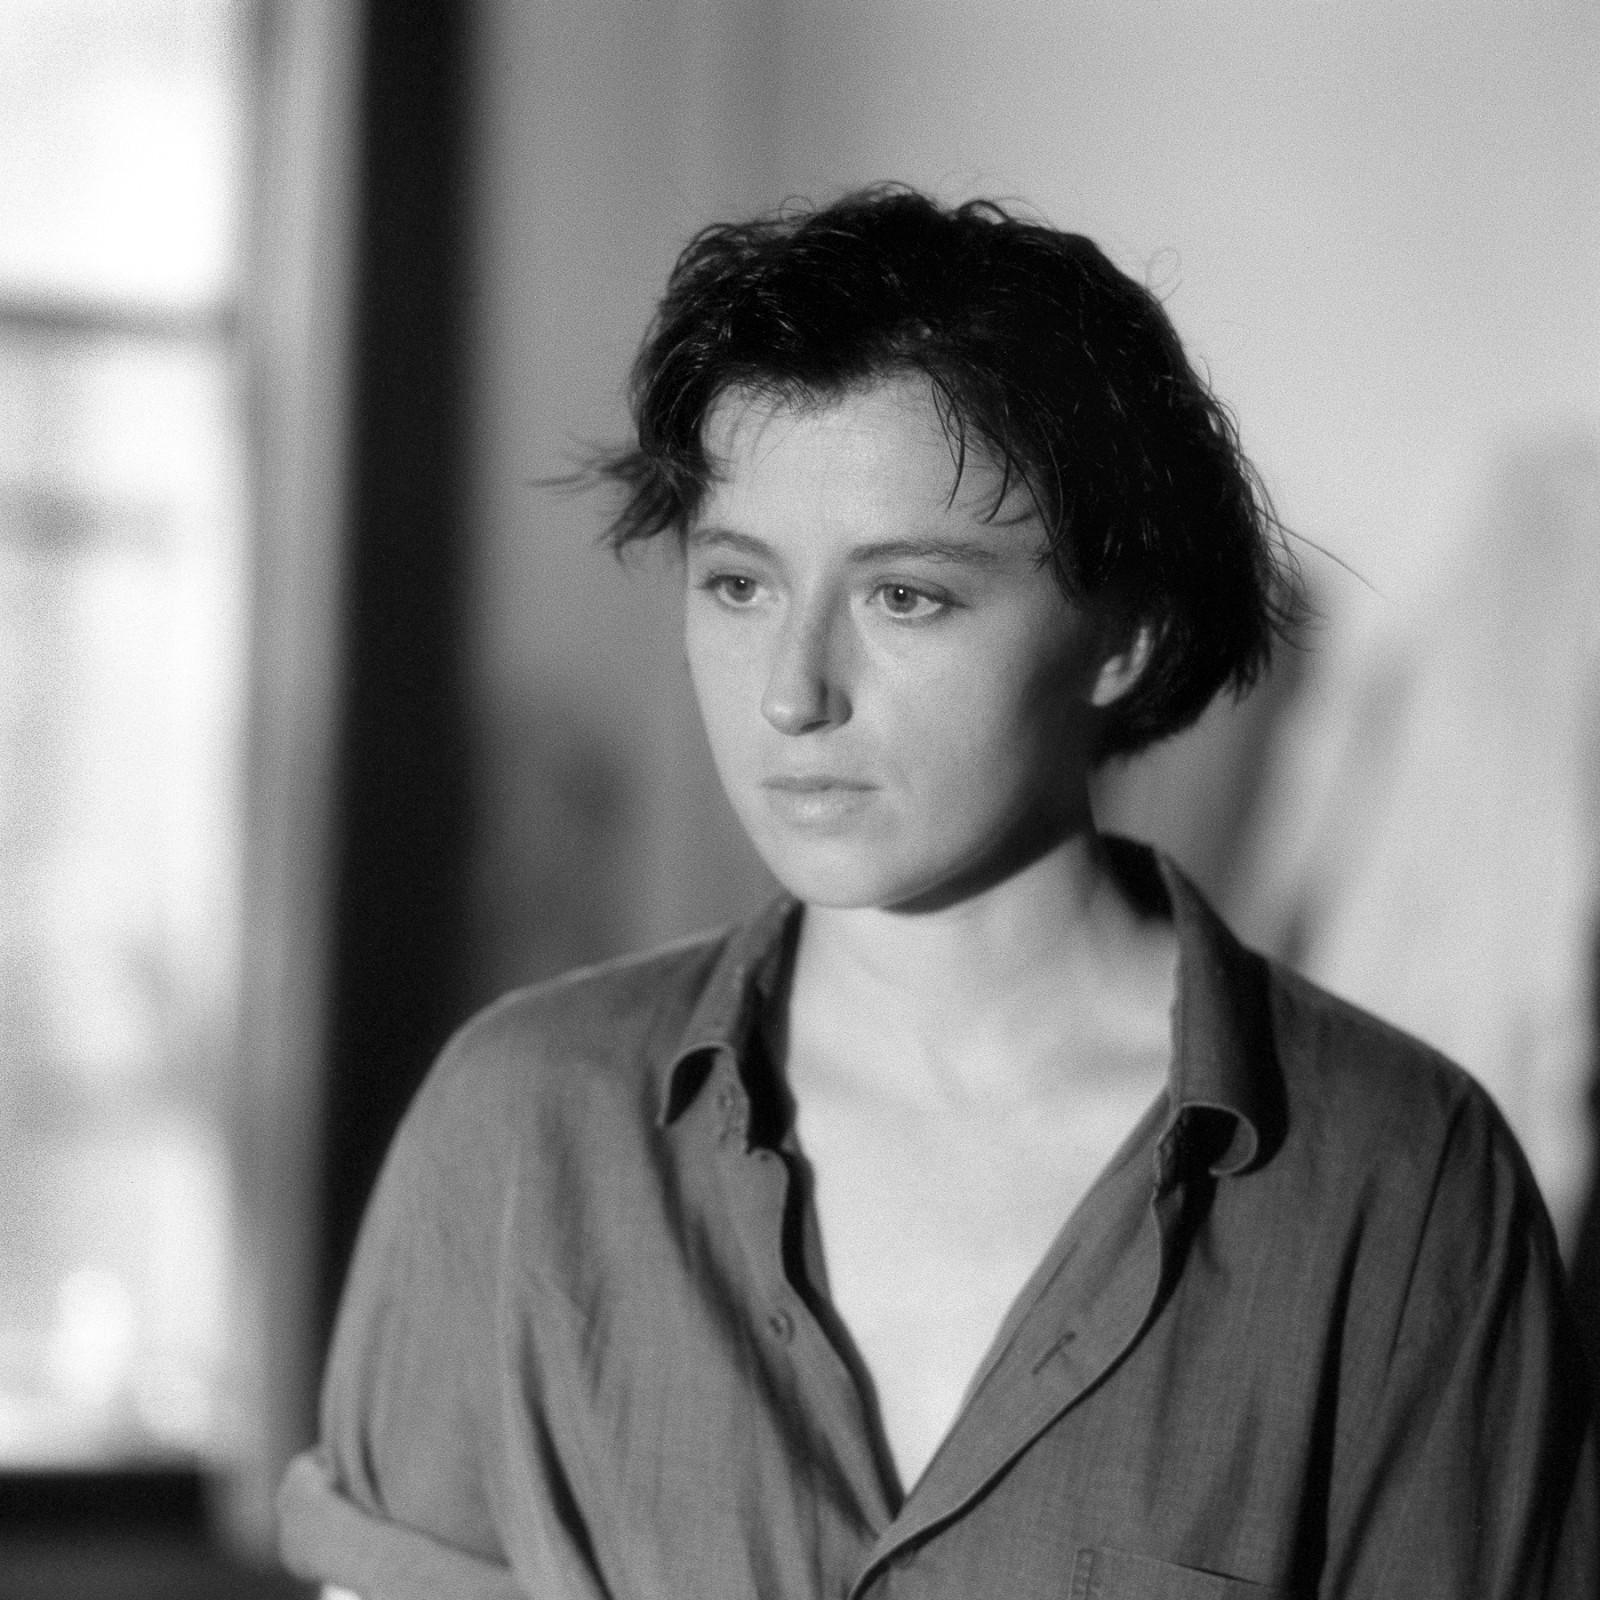 Cindy Sherman, N.Y.C., 1986